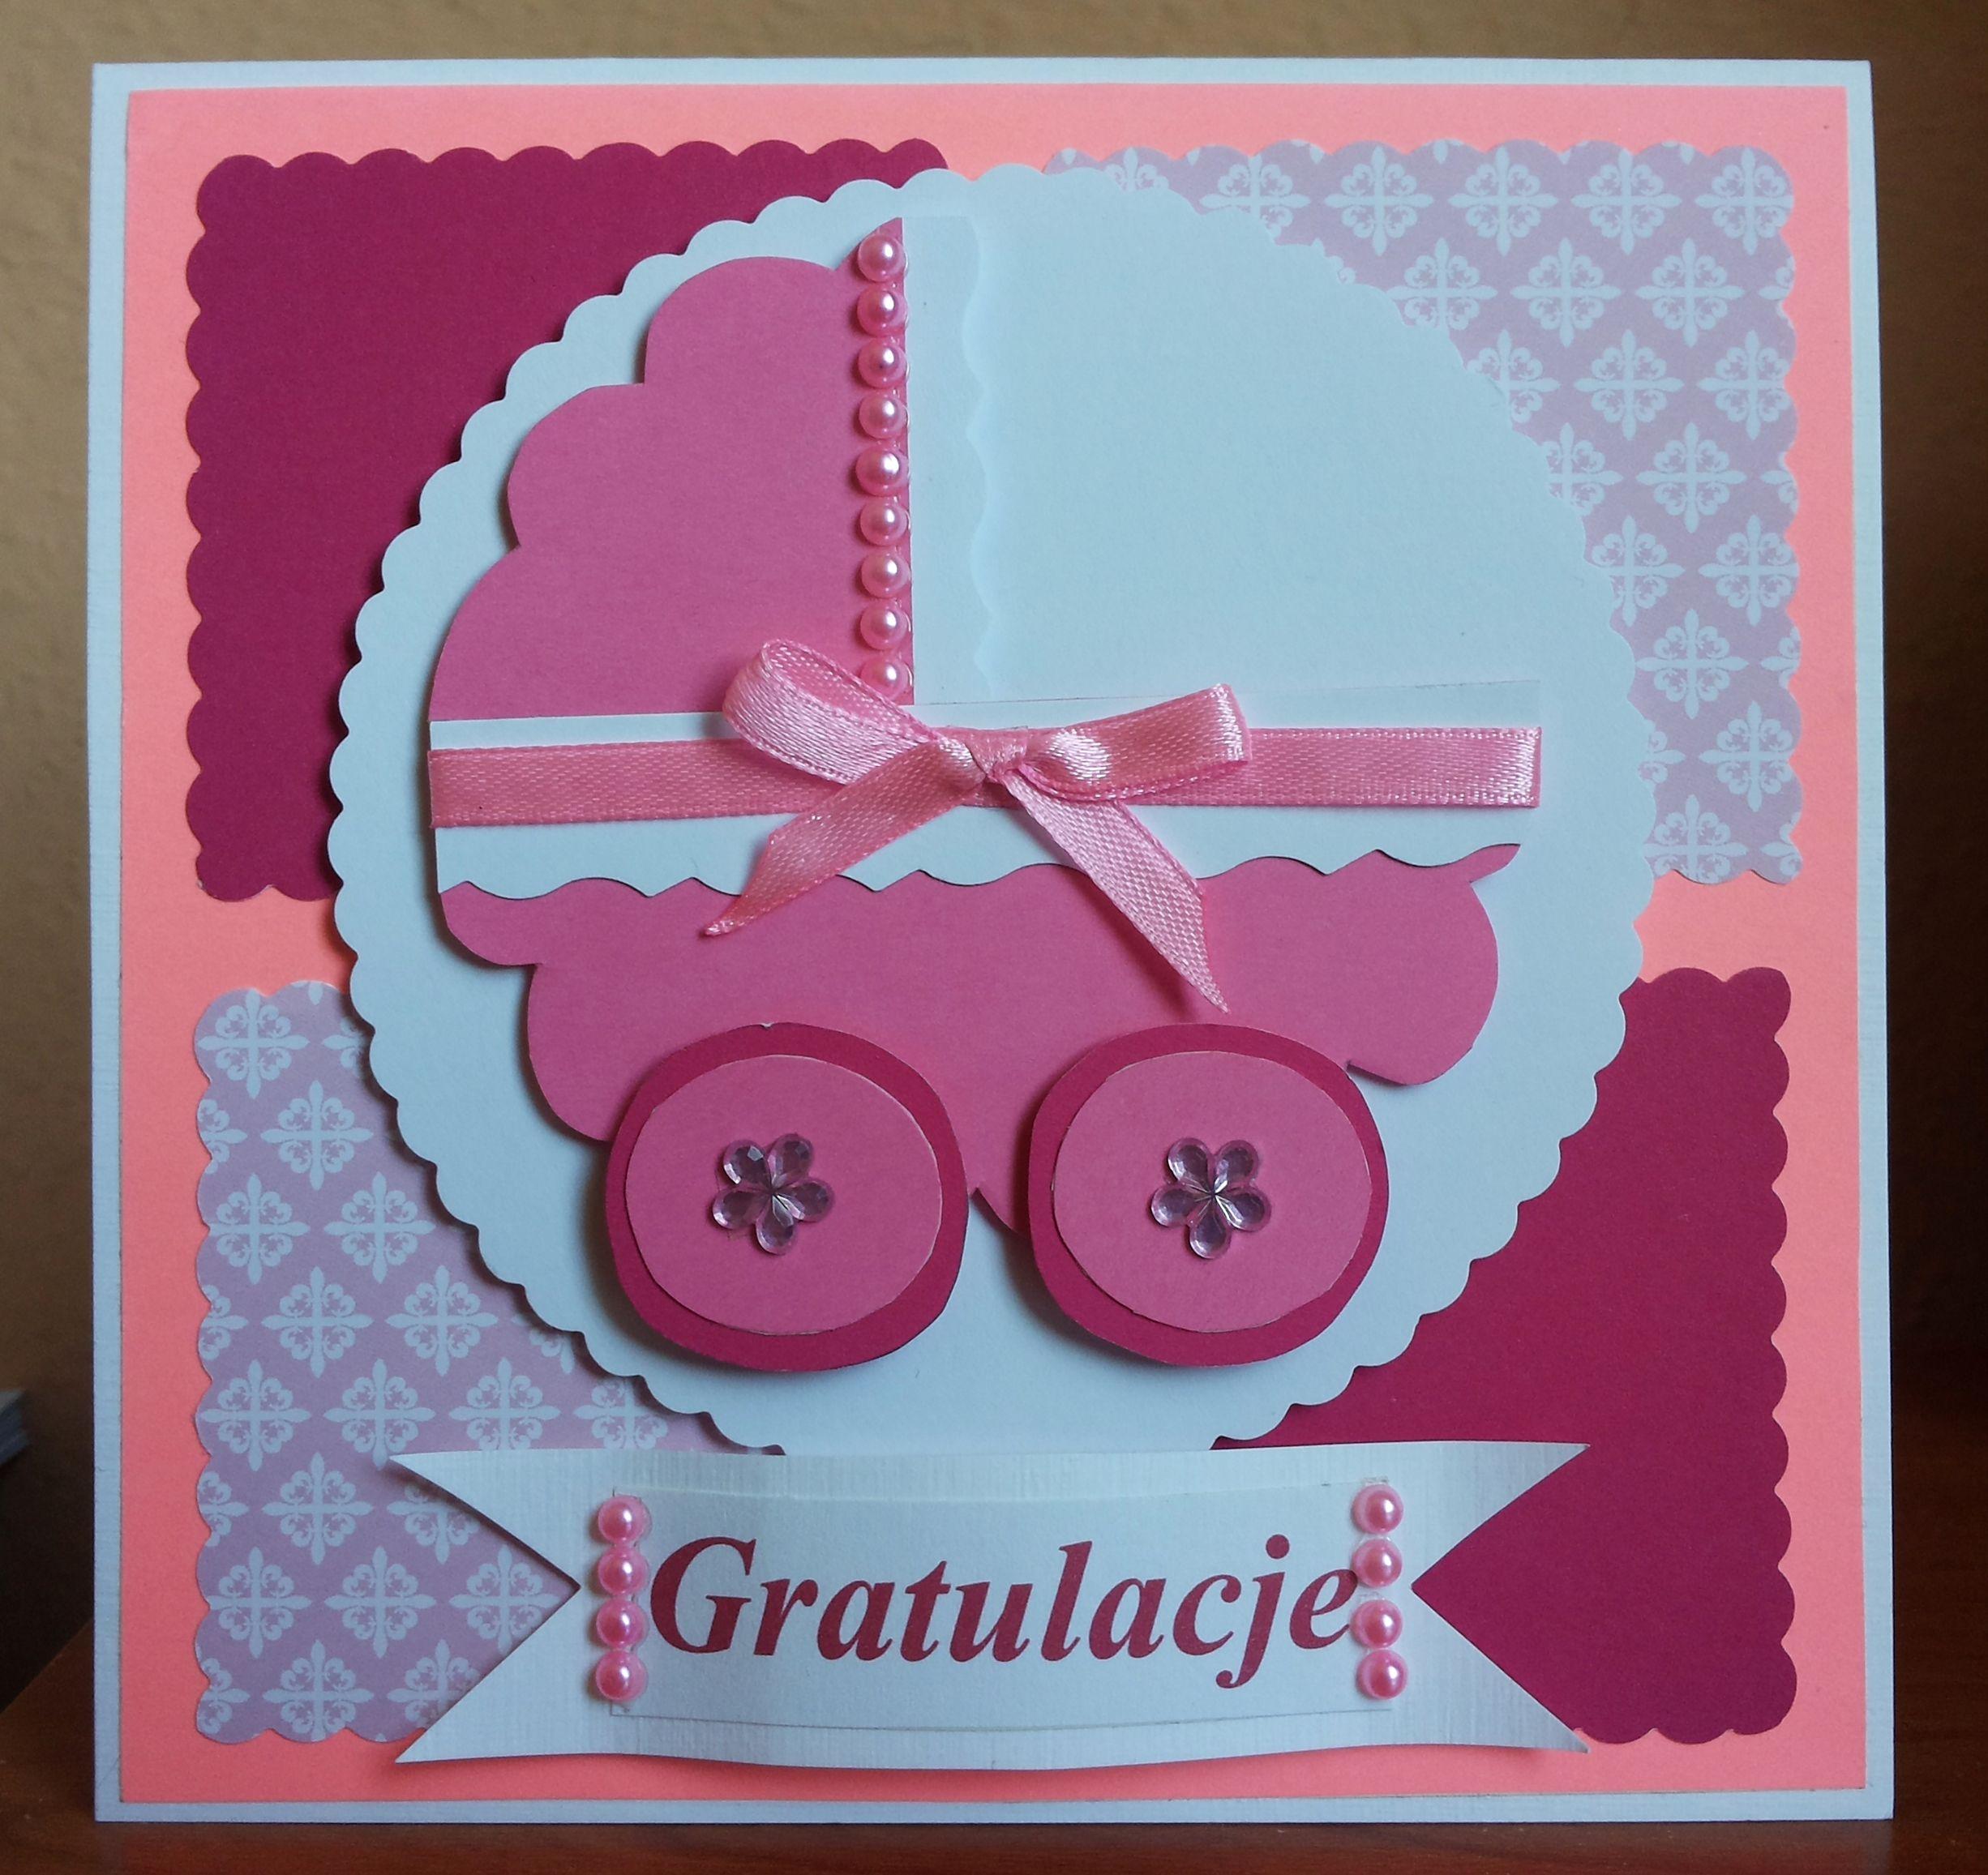 Card To Celebrate The Birth Of A Child Kartka Z Okazji Narodzin